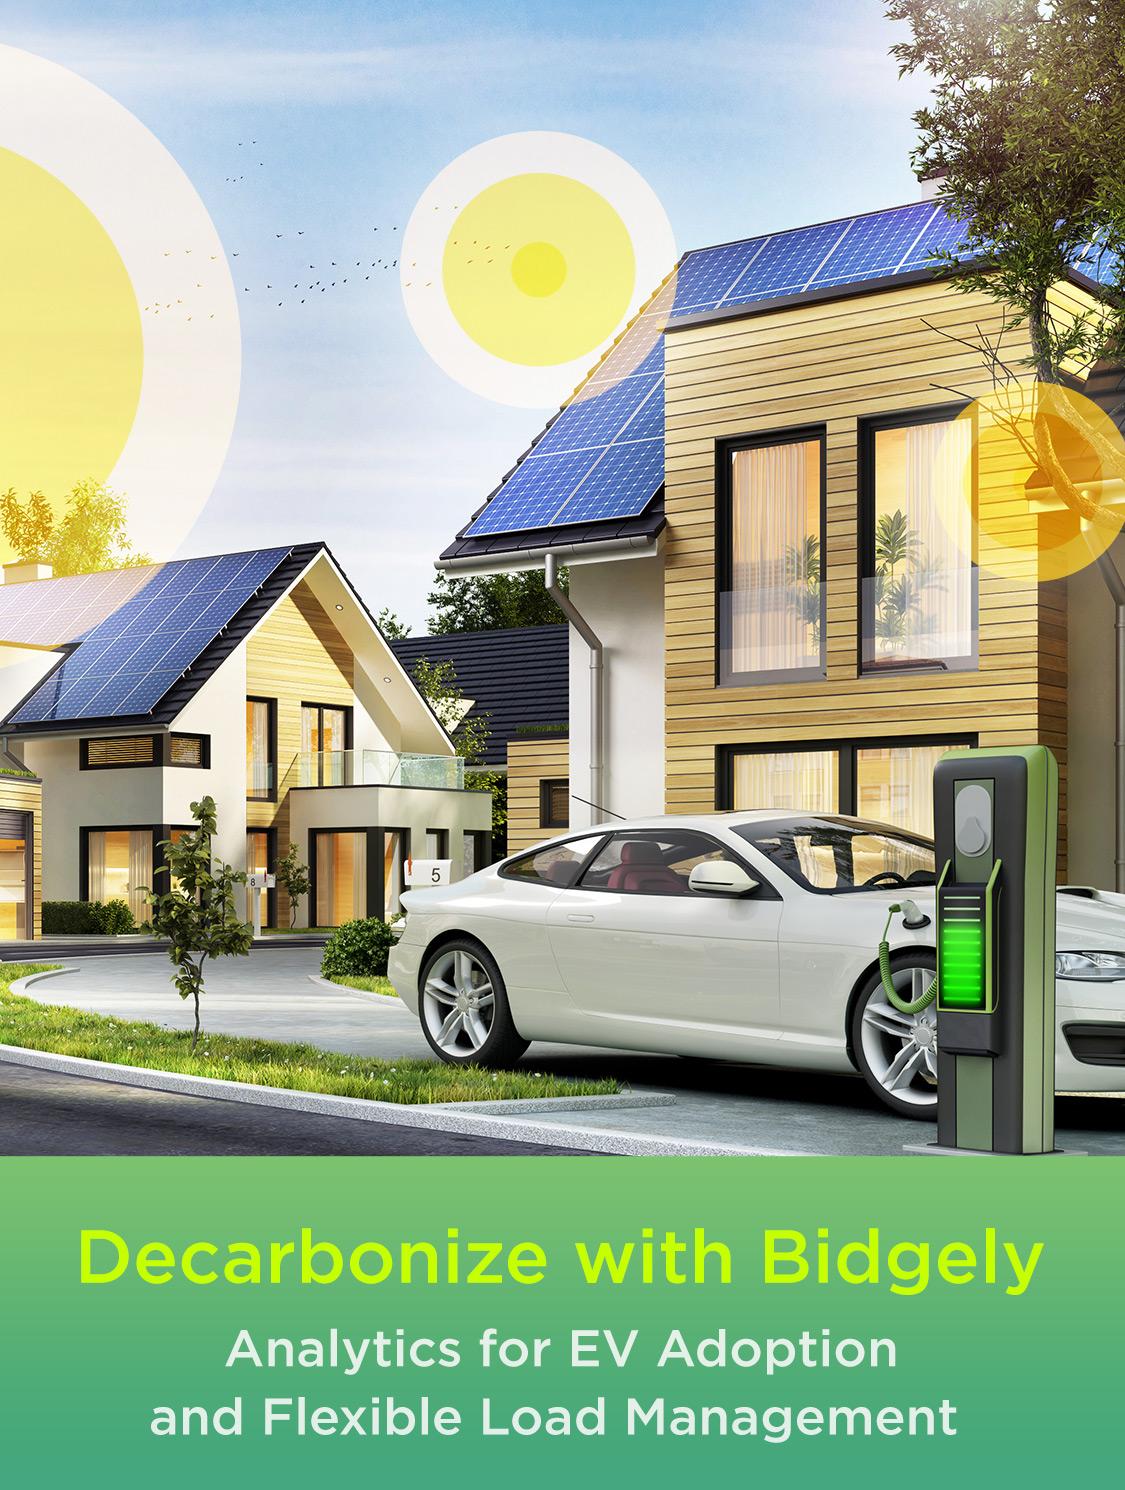 Decarbonization Energy Analytics